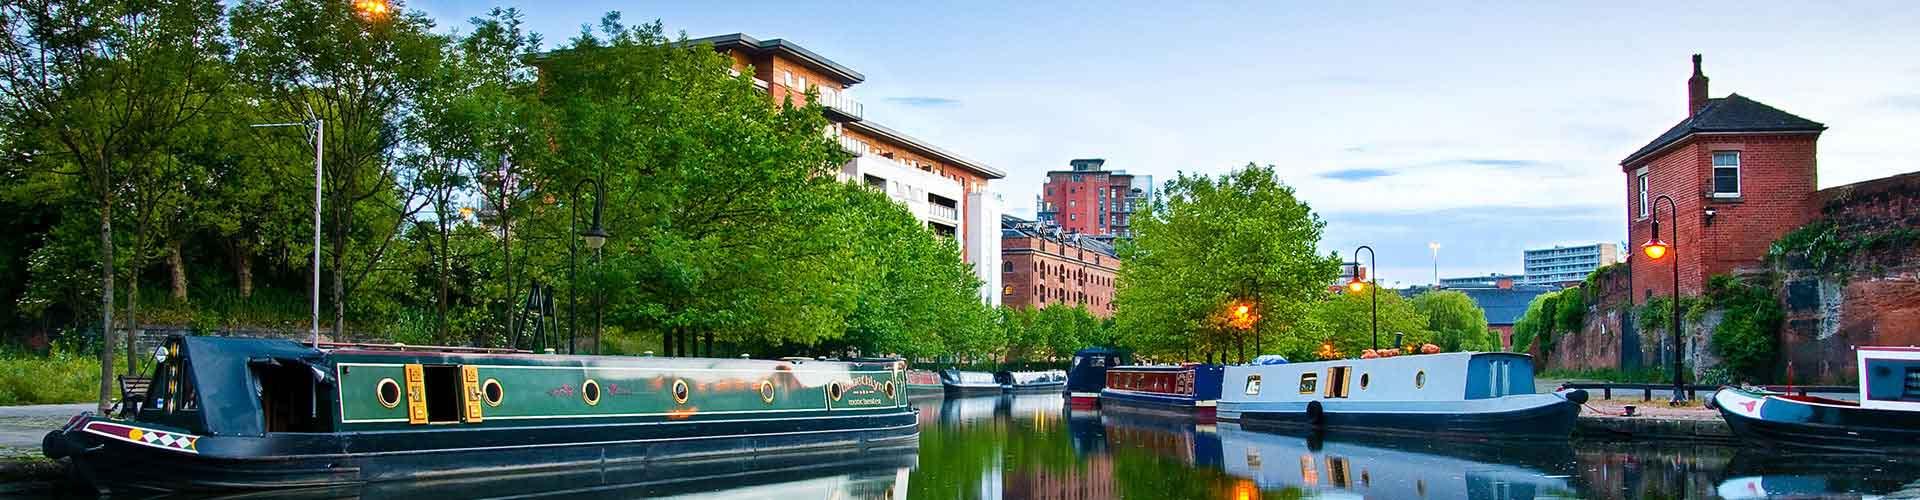 Manchester – Ostelli in Manchester. Mappe per Manchester, Foto e  Recensioni per ogni Ostello a Manchester.